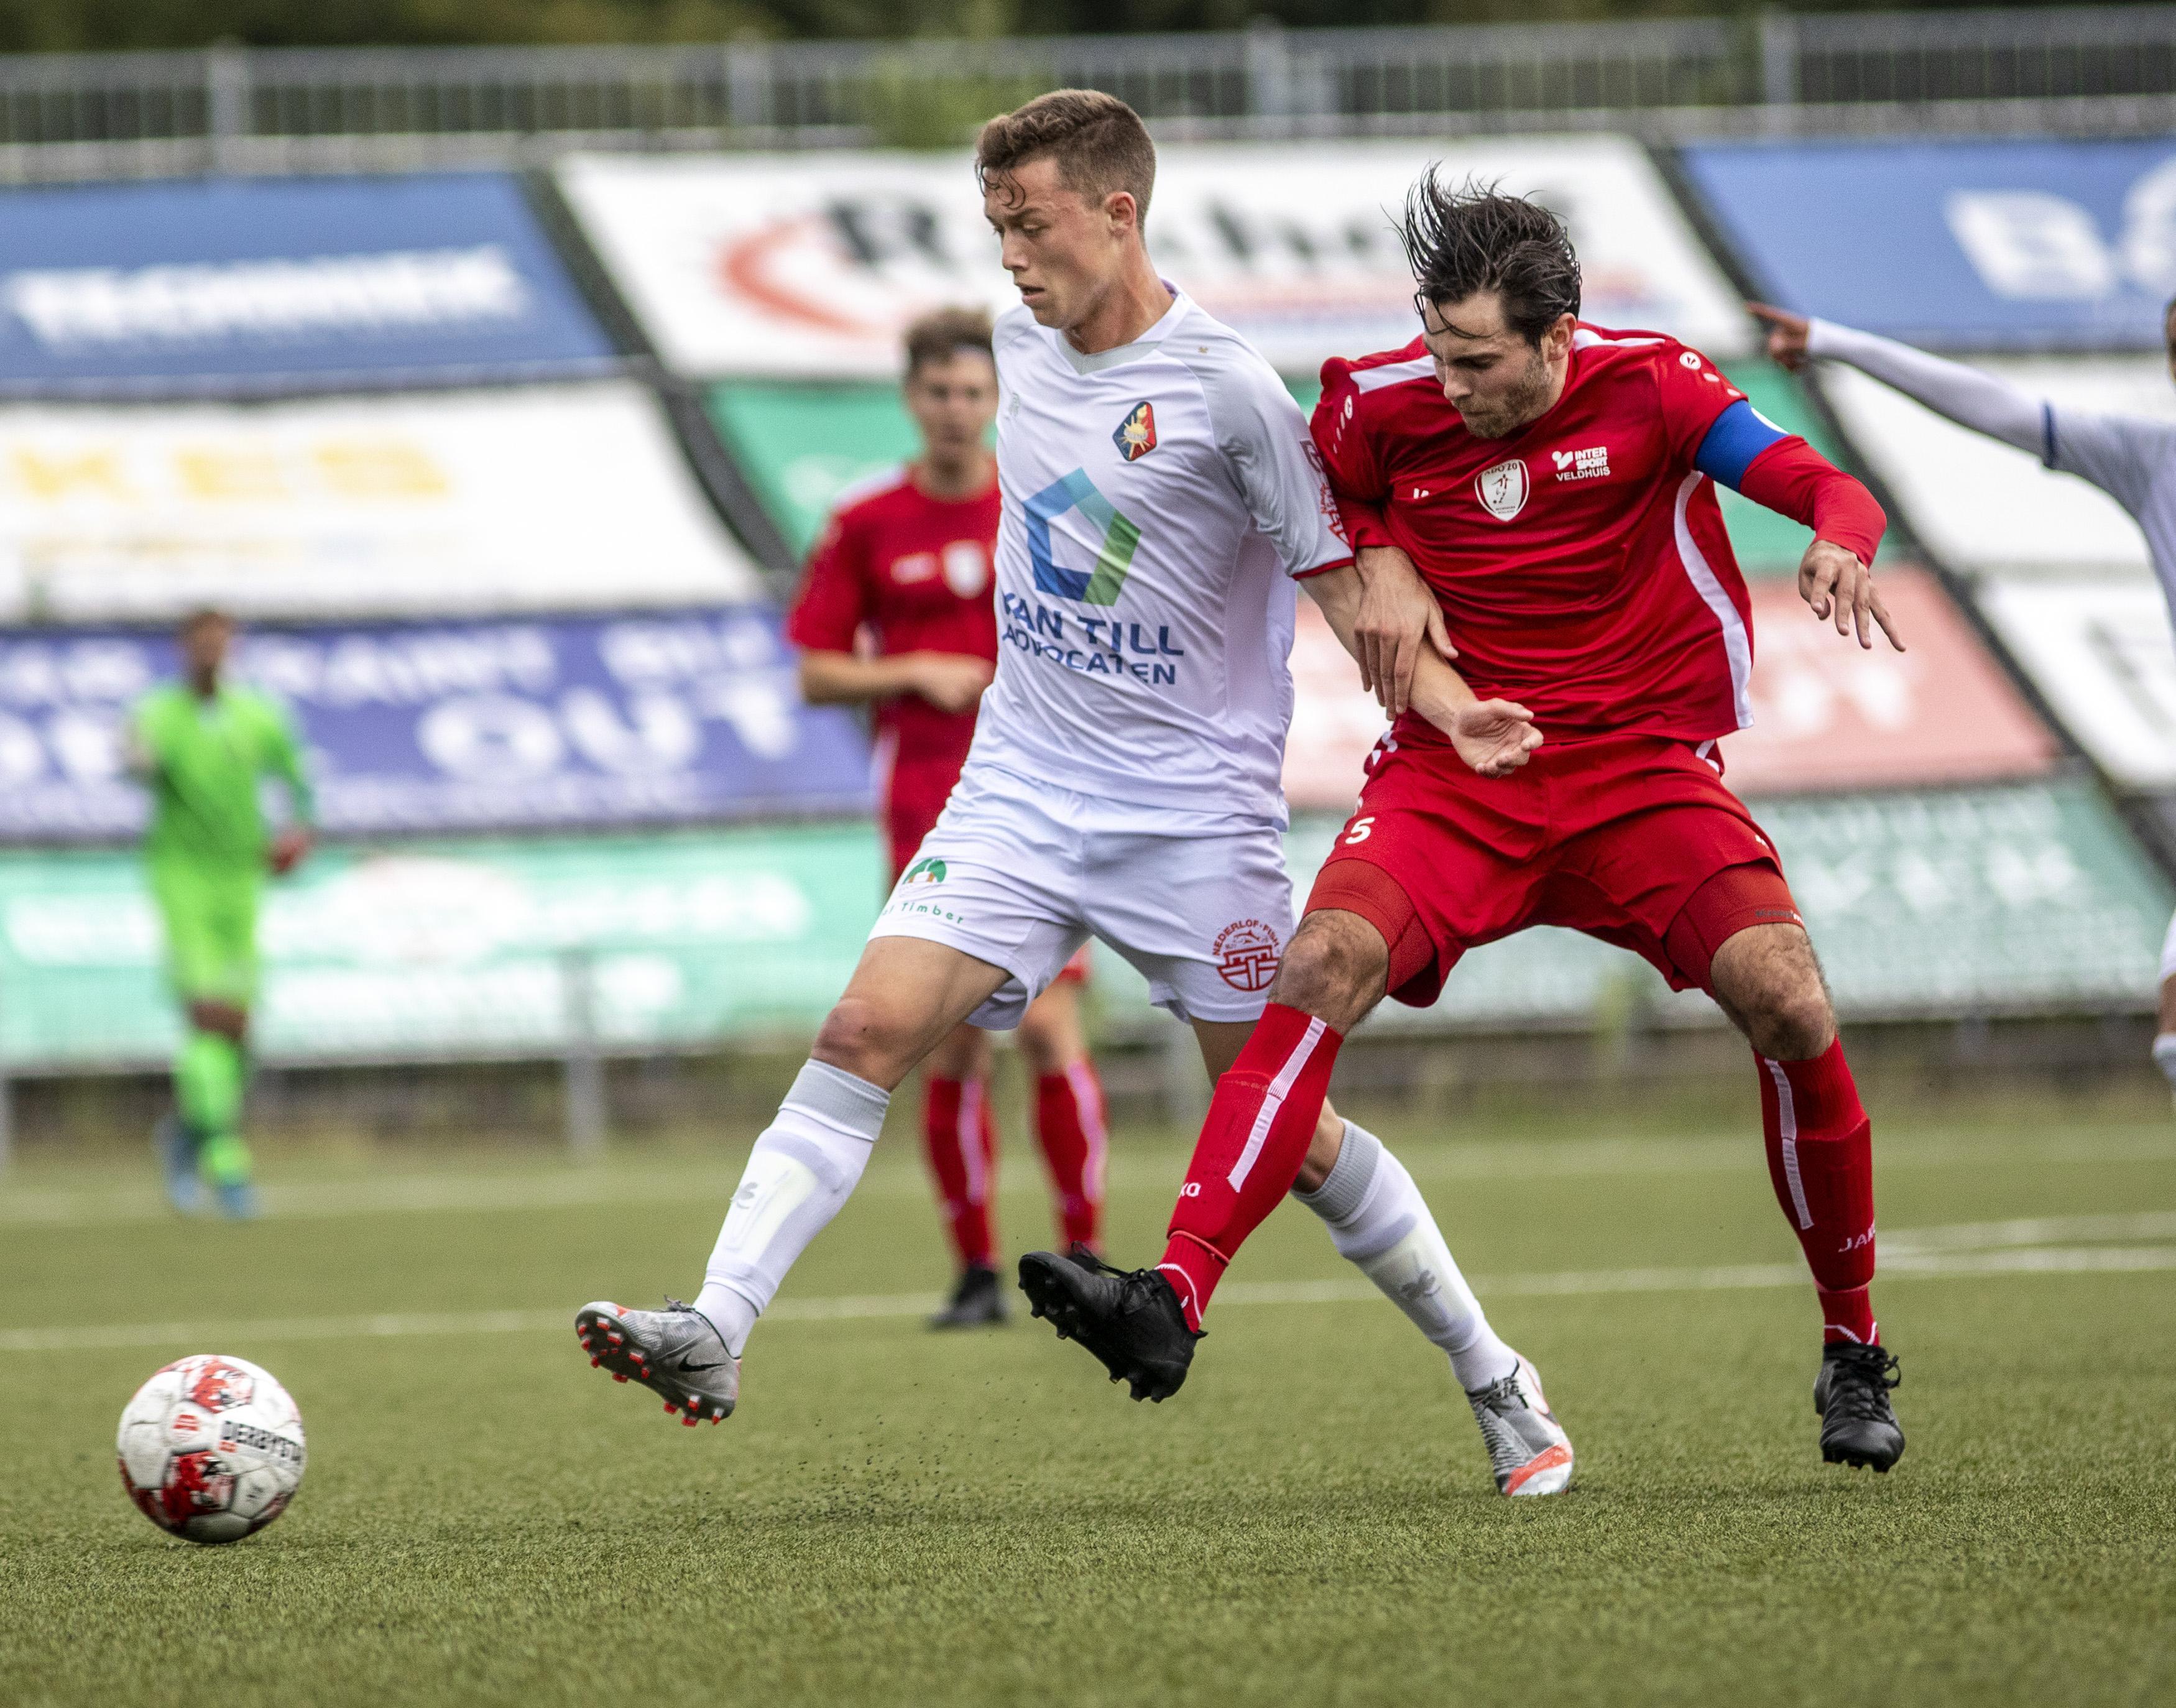 Belgisch jeugdinternational Siebe Vandermeulen na Telstar-debuut tegen ADO '20 (0-0): 'Het is een goed ploegske'